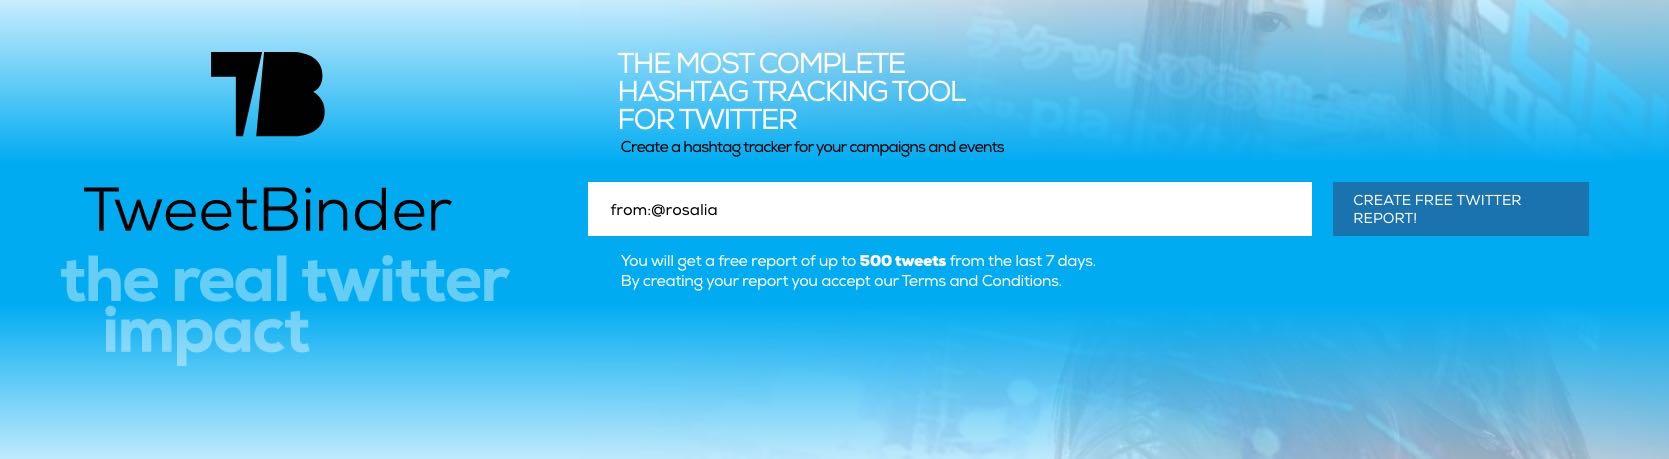 búsqueda avanzada en twitter de los tweets de Rosalia